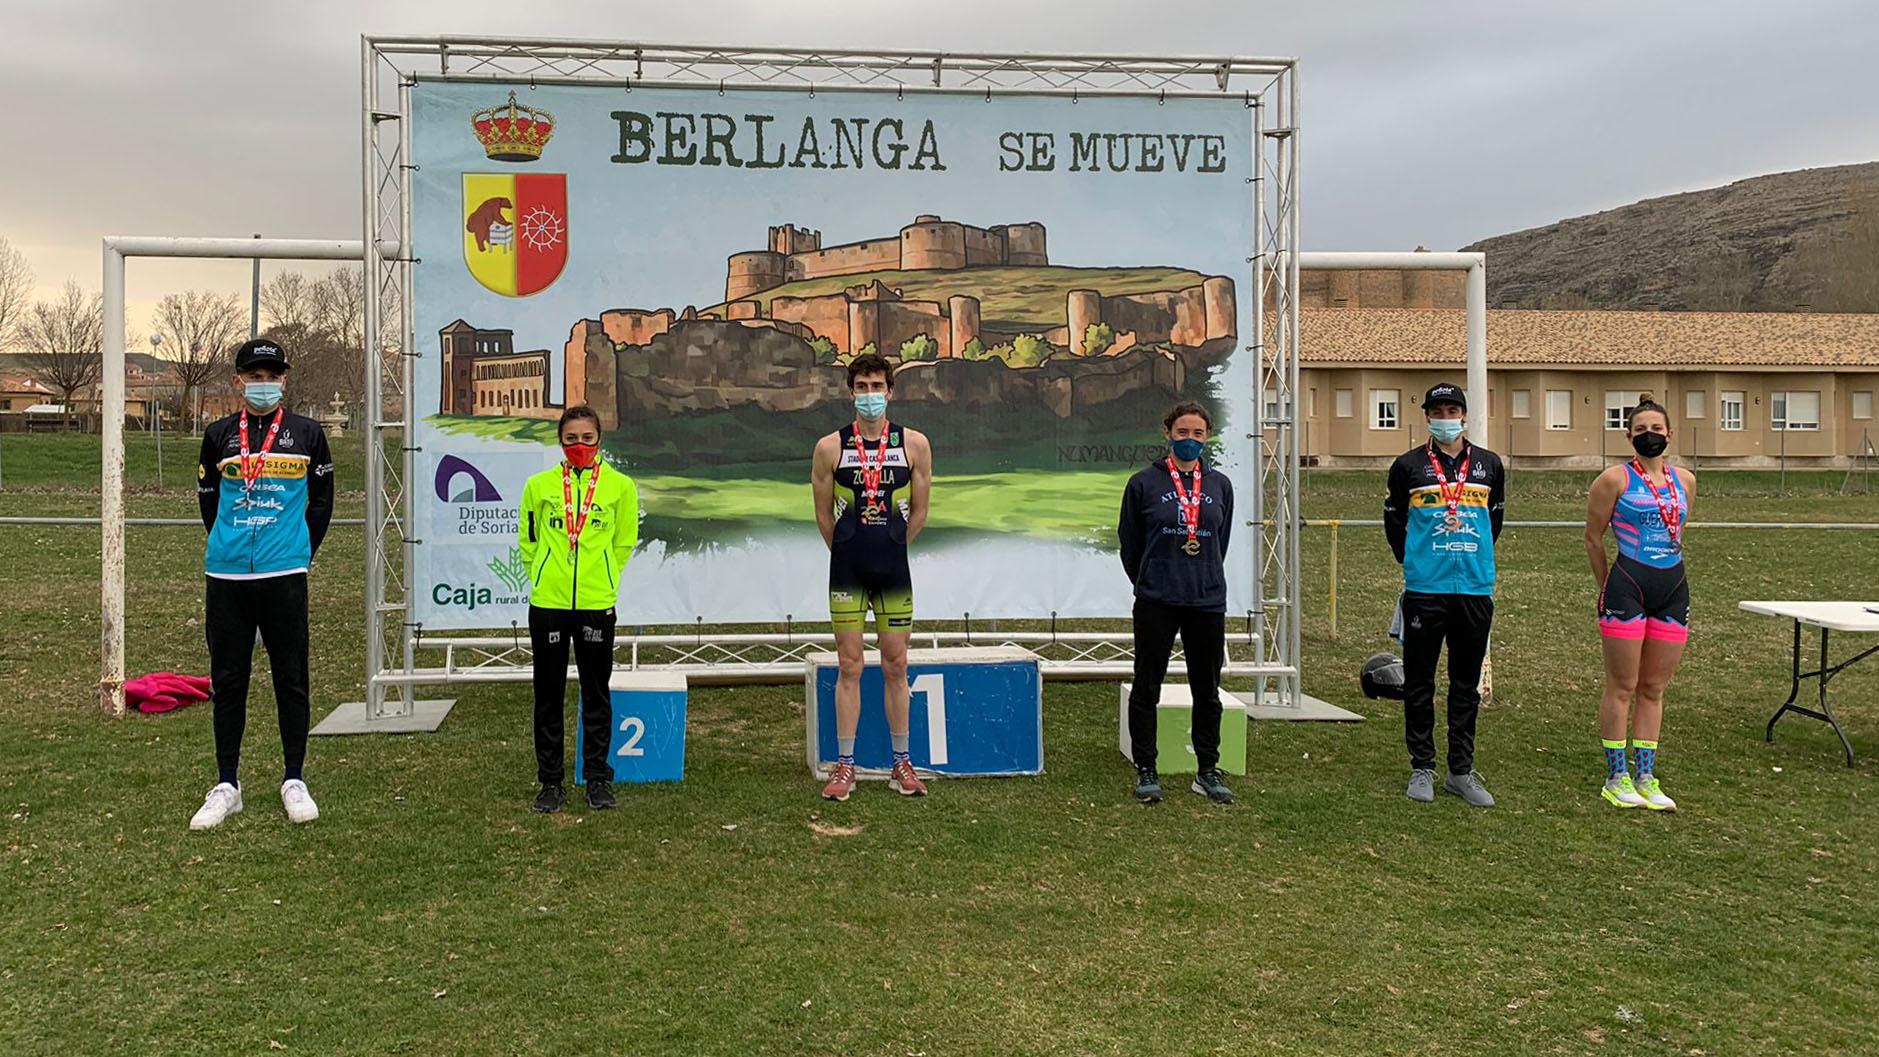 Maddi Marquet y Fernando Zorrilla ganan en Berlanga de Duero el primer clasificatorio para el Campeonato de España de Duatlón 2021